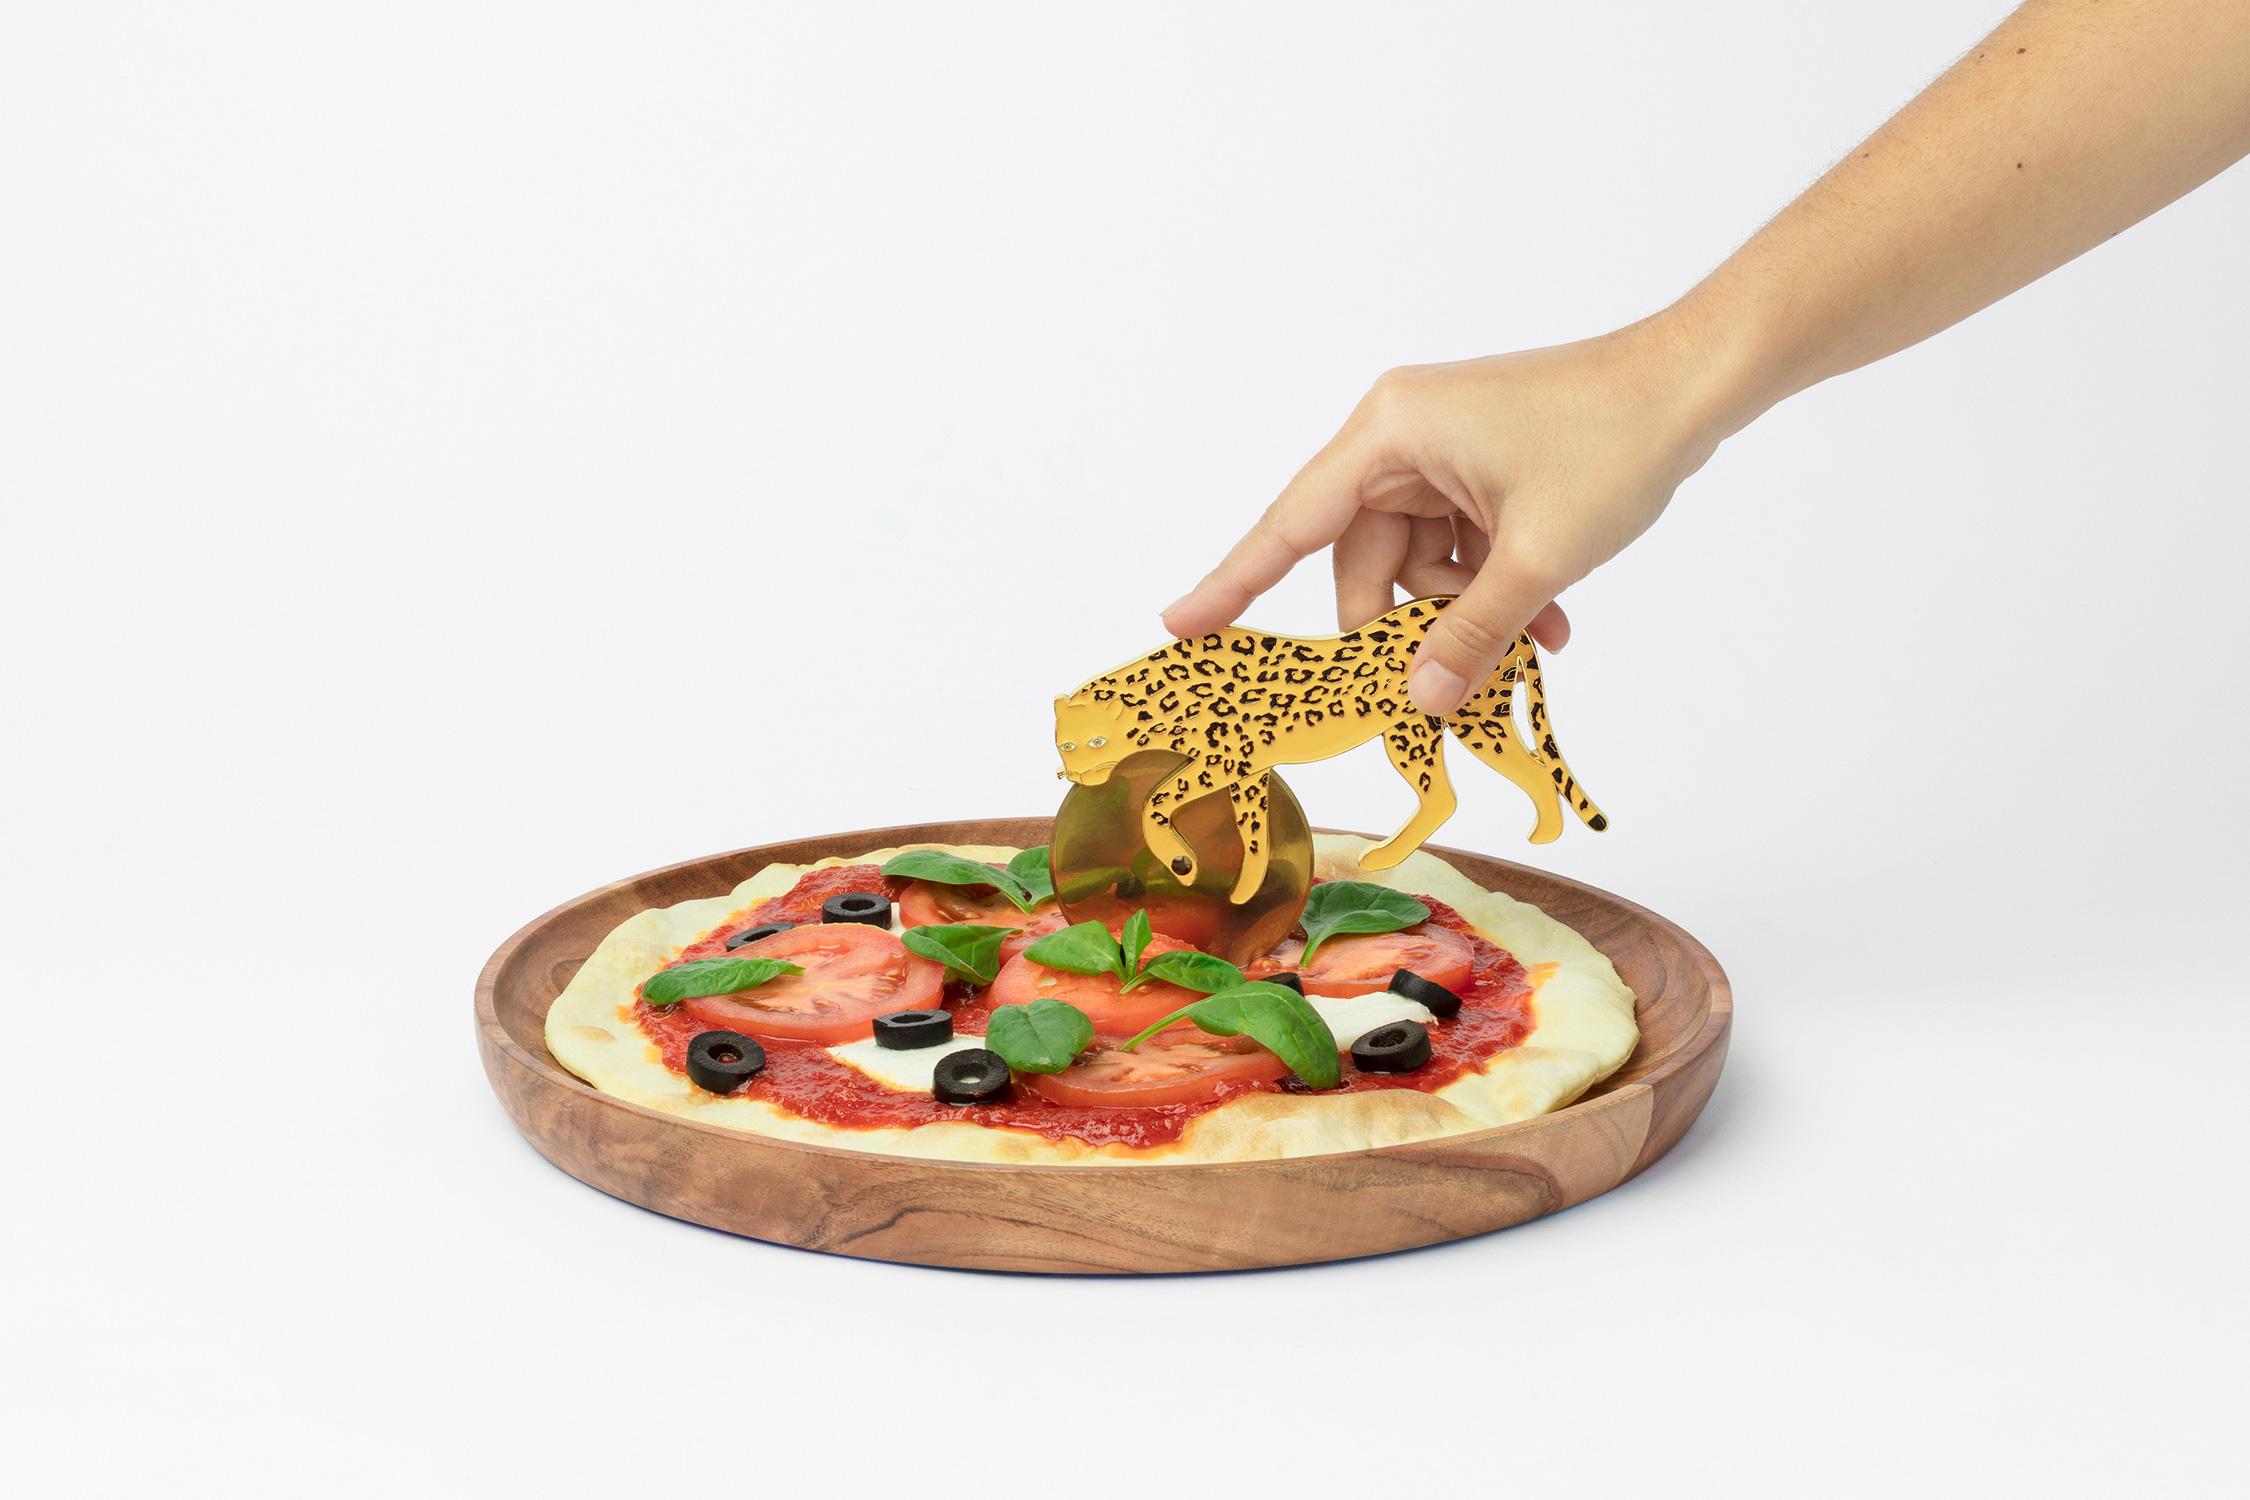 Savanna pizza cutter guepard